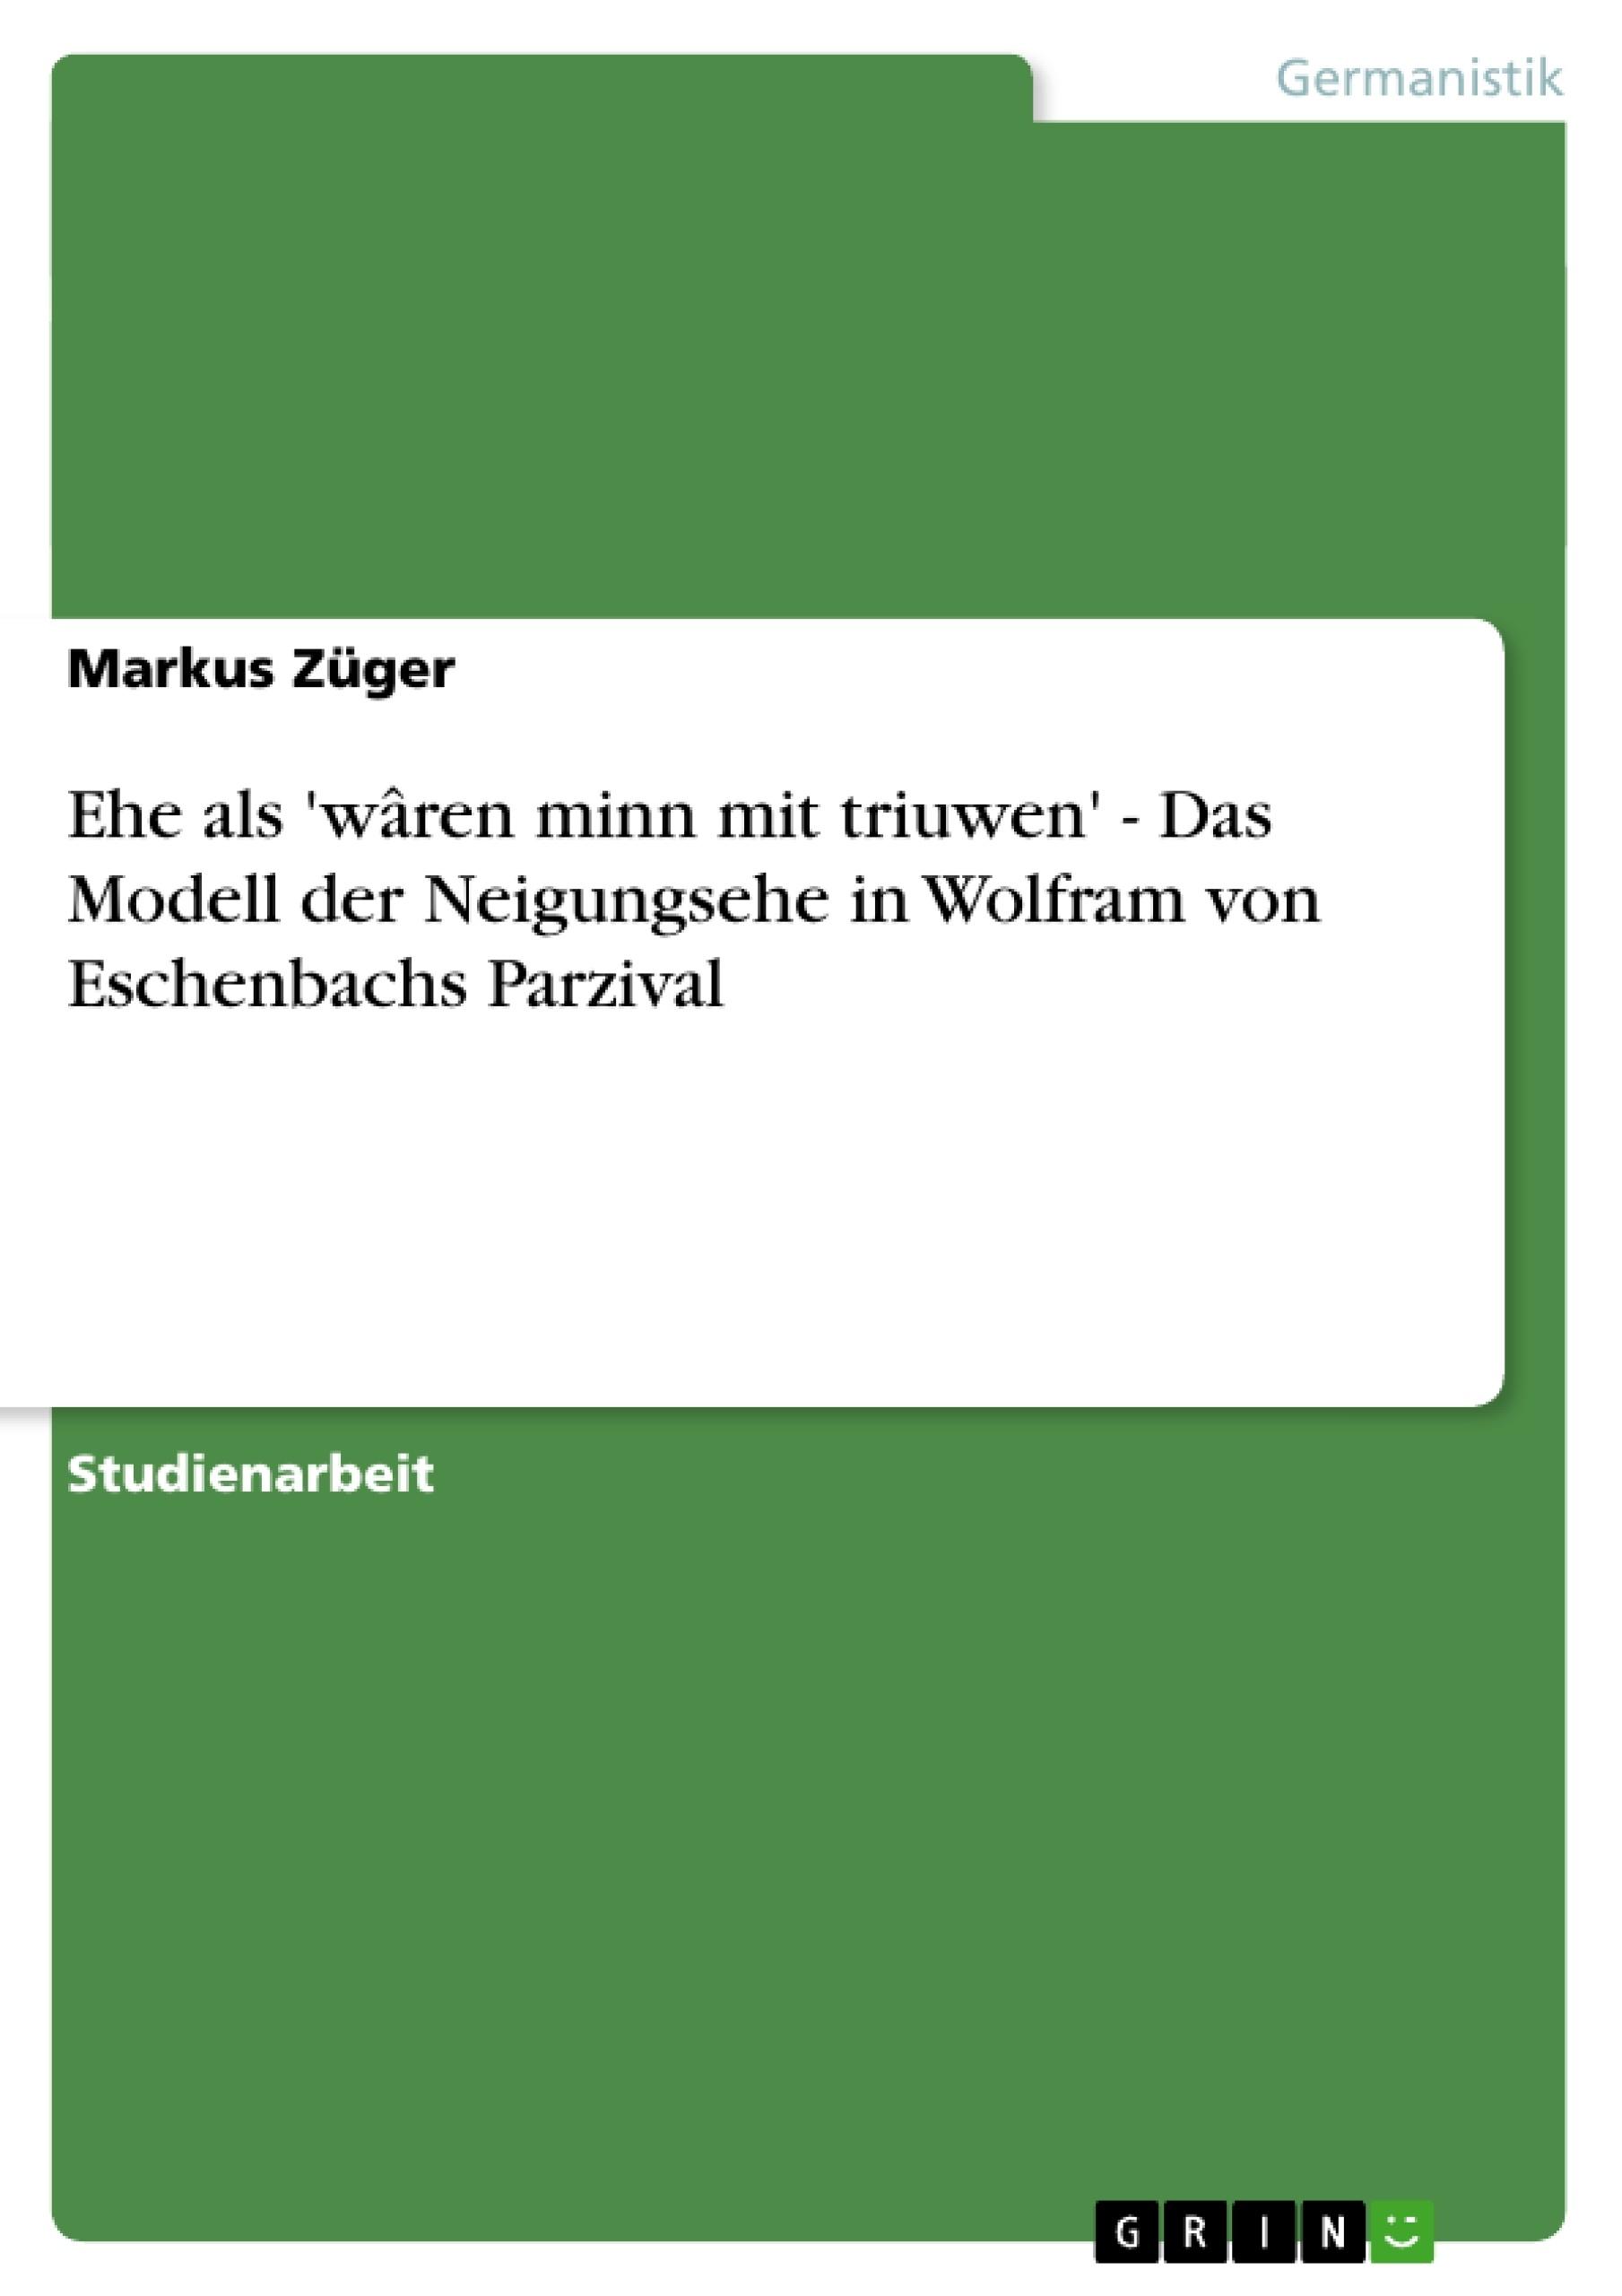 Titel: Ehe als 'wâren minn mit triuwen' - Das Modell der Neigungsehe in Wolfram von Eschenbachs Parzival